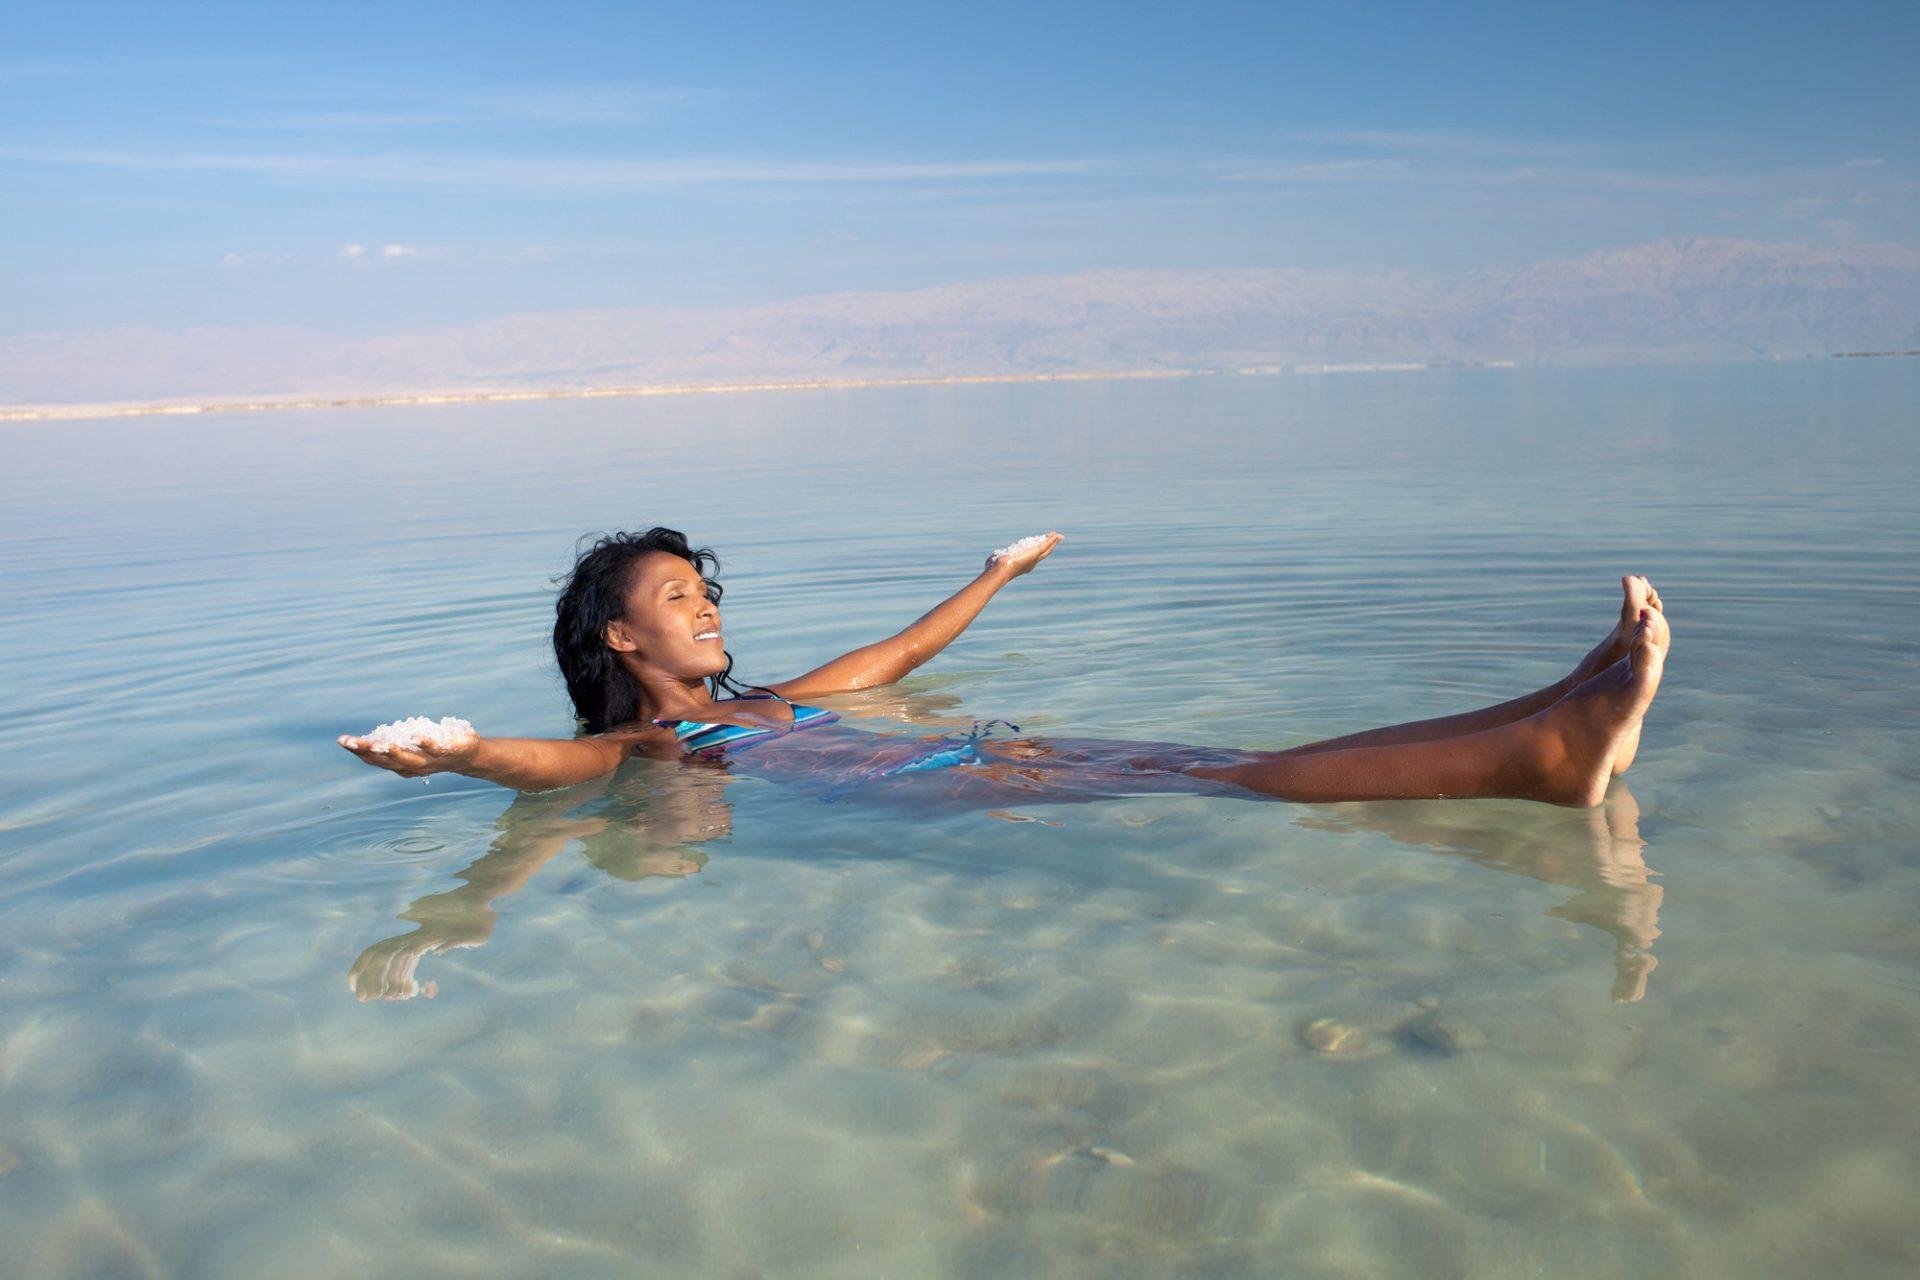 Θαλασσινό νερό Μαλλιά: 7 λόγοι που το θαλασσινό νερό είναι καλό για τα μαλλιά σας [vid]